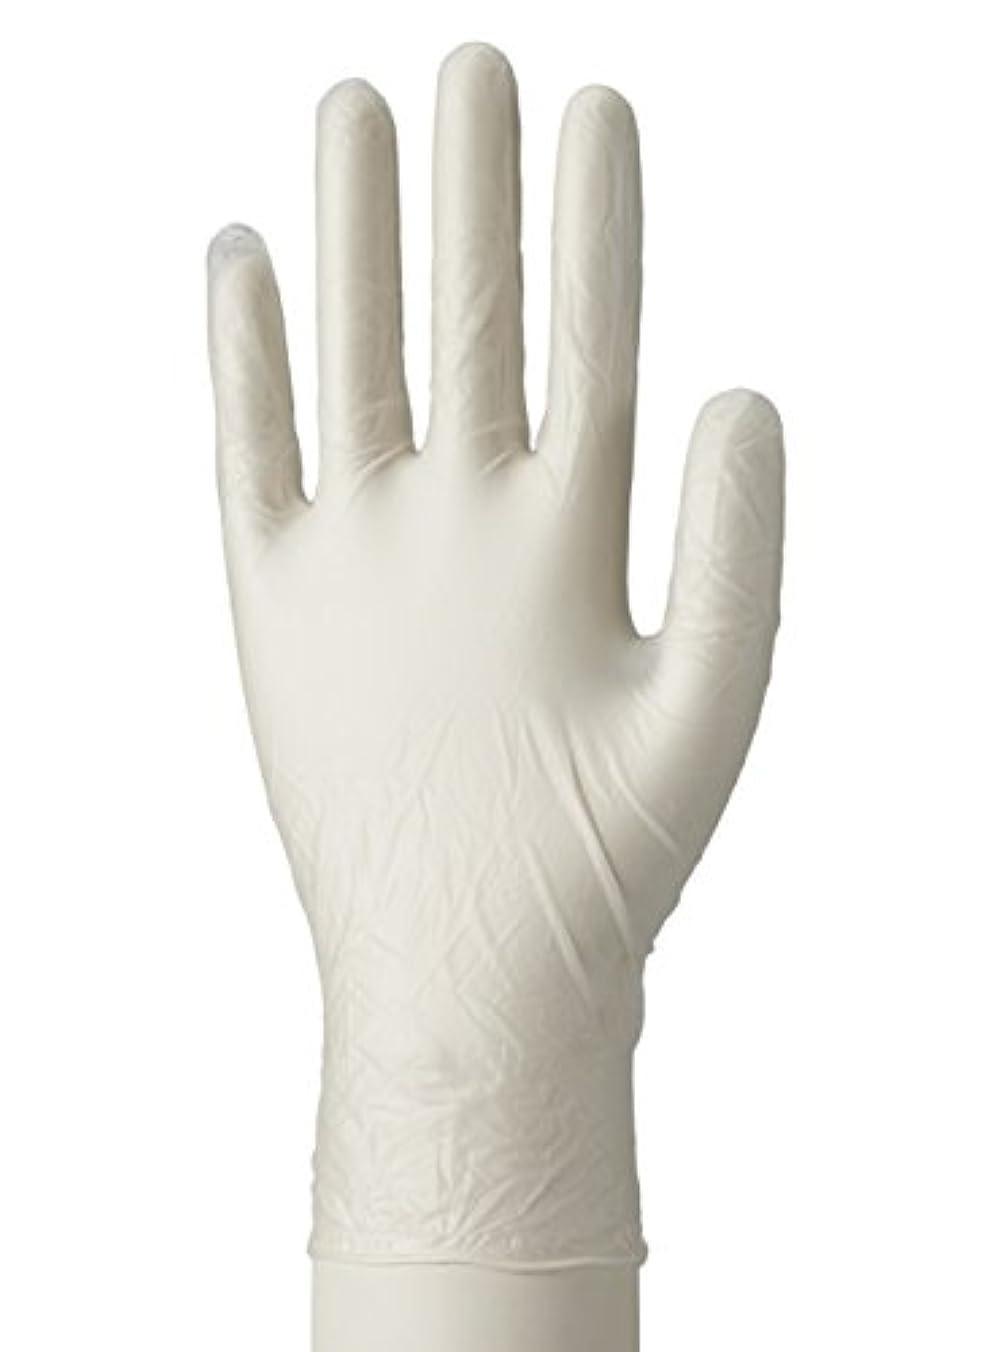 衛星端うなる使い捨て手袋 マイスコPVCグローブ 粉つき MY-7520(サイズ:S)100枚入り 病院採用商品